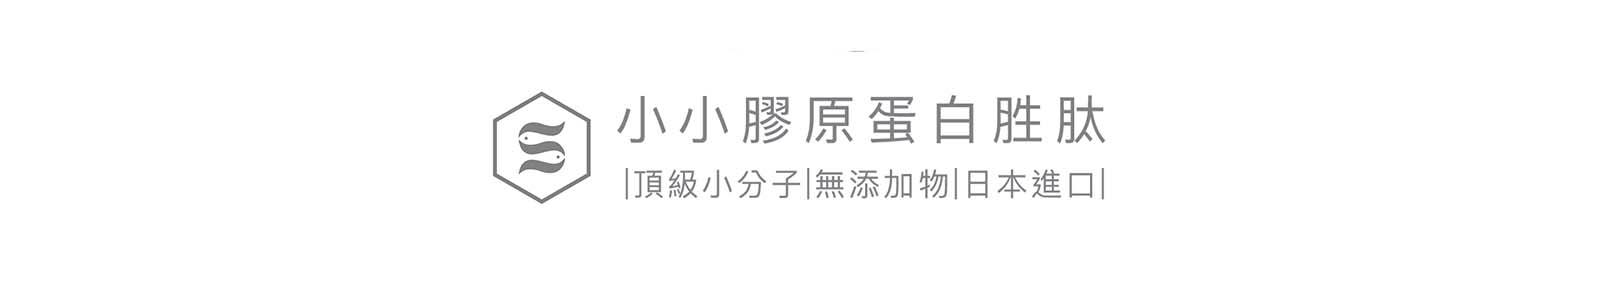 膠原蛋白推薦【小小膠原蛋白胜肽-官網】-魚鱗膠原蛋白粉-膠原蛋白推薦日本進口第一品牌Nippi膠原蛋白粉